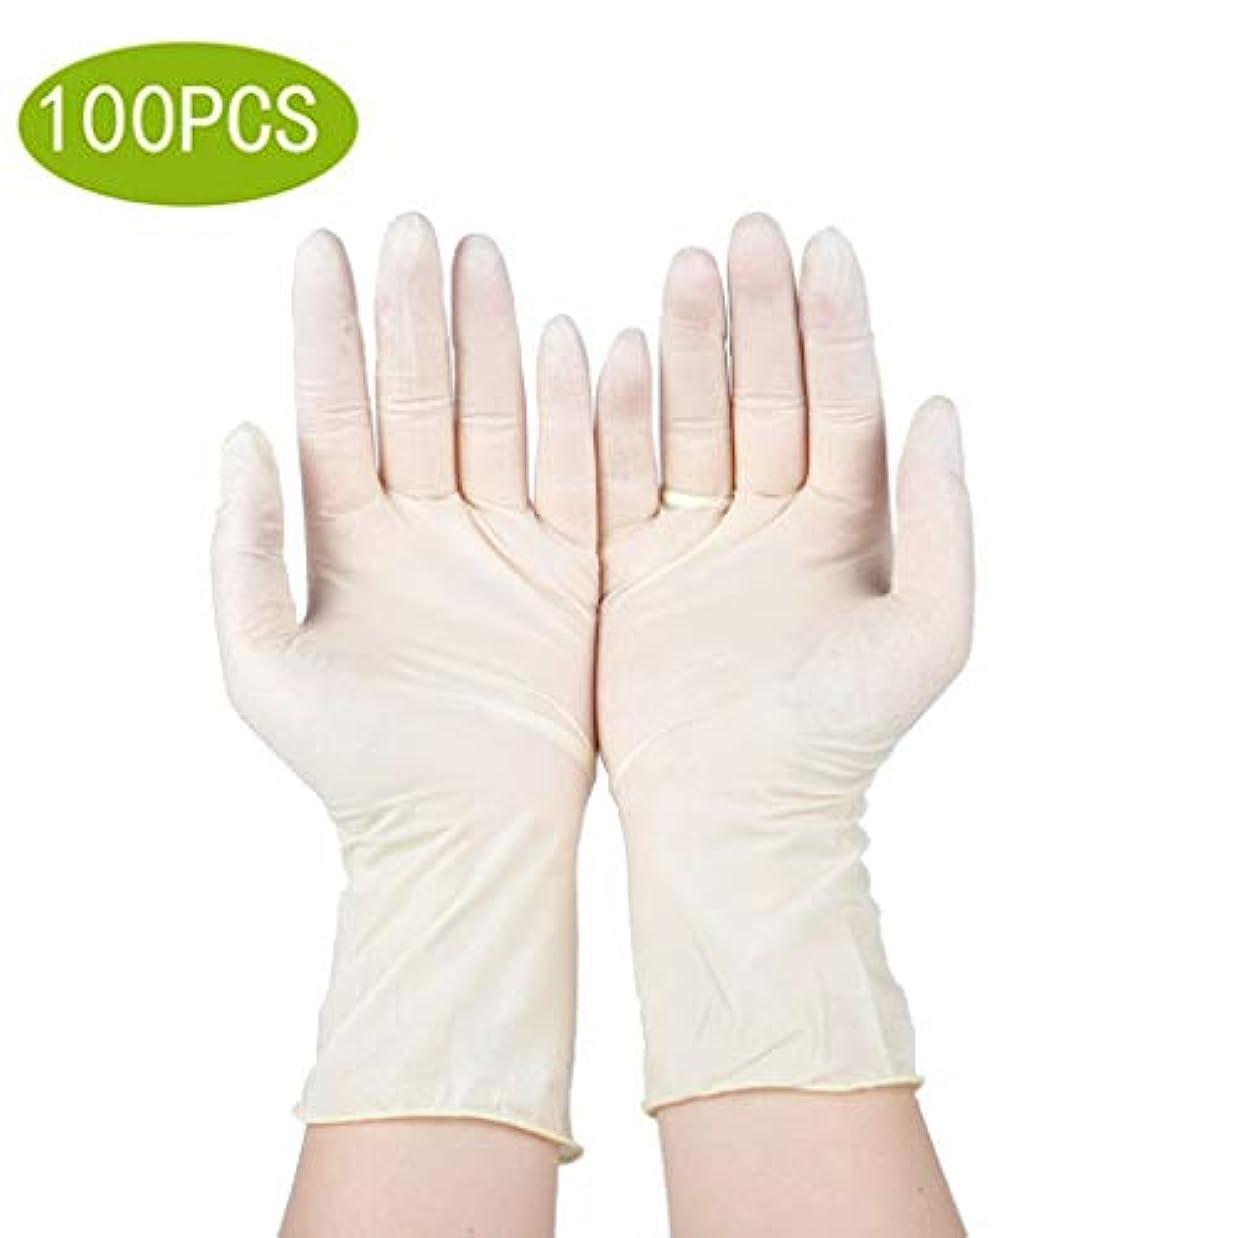 乱れジョセフバンクス迫害する医療検査ラテックス手袋|3ミル厚、ミディアムボックス100パウダーフリー、無菌、頑丈な試験用手袋|病院のための専門の等級、法執行機関、食糧売り手 (Color : Beige, Size : L)